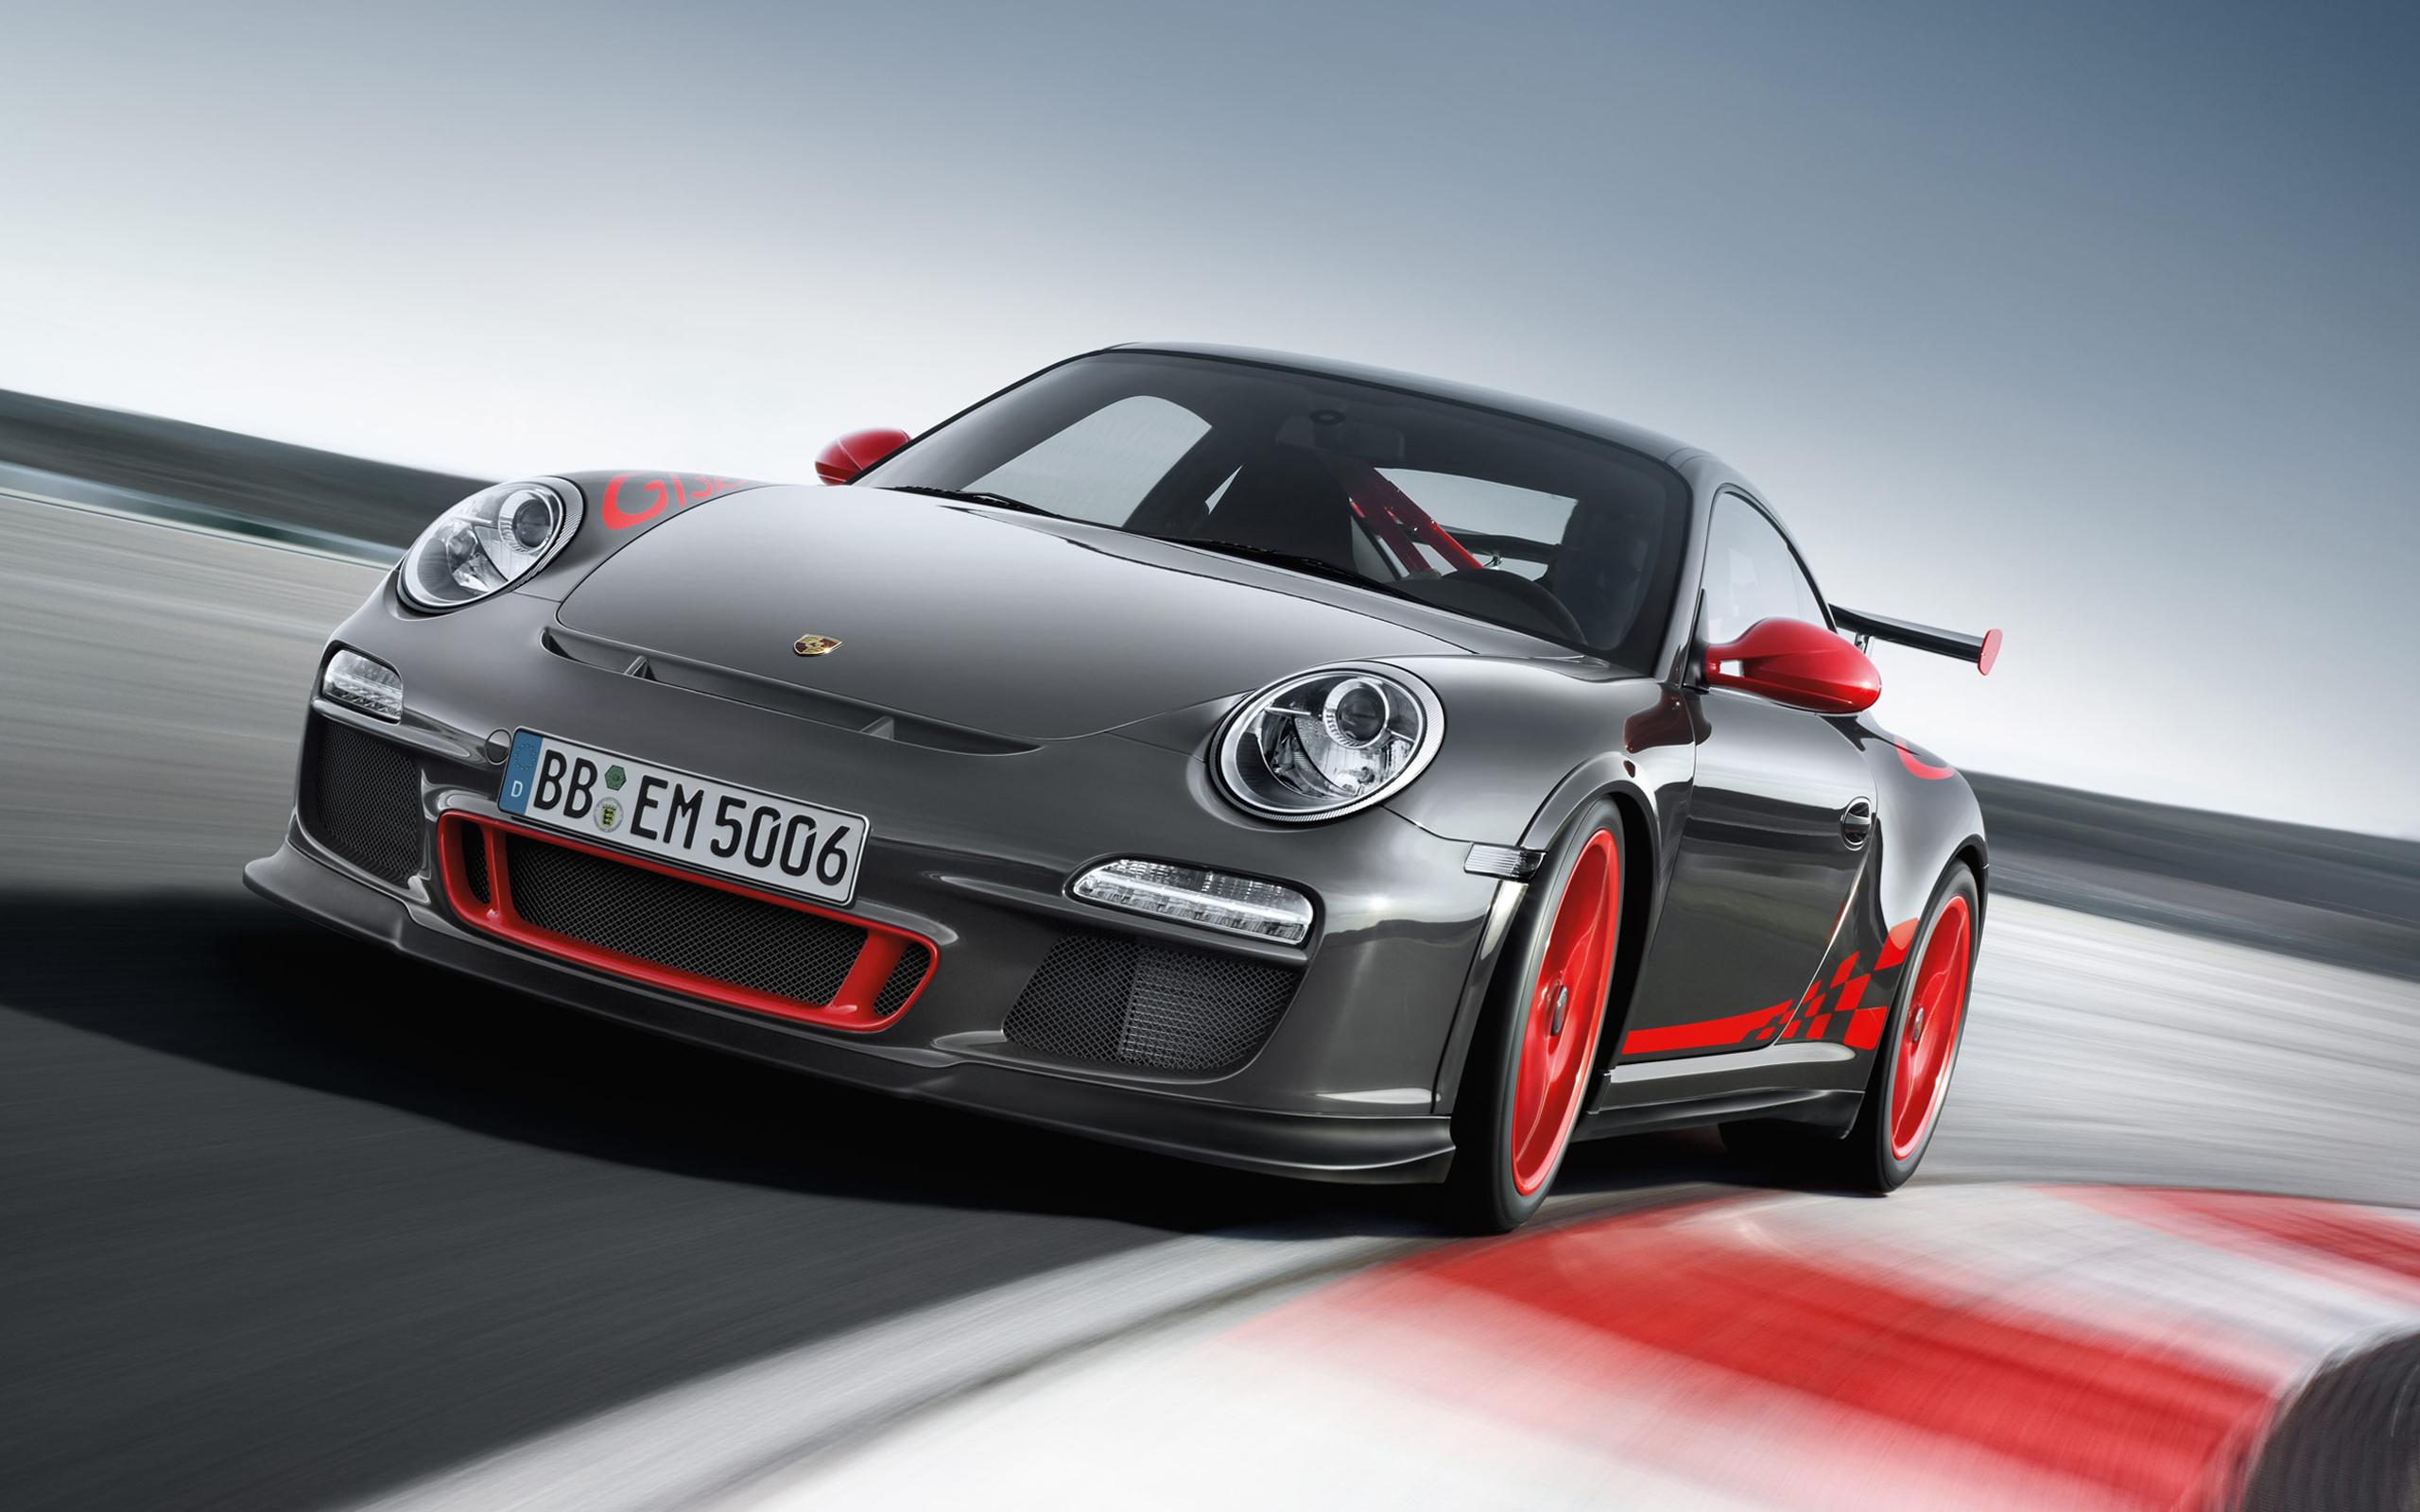 Porsche 911 GT3 RS 2012 Wallpapers HD Wallpapers 2560x1600